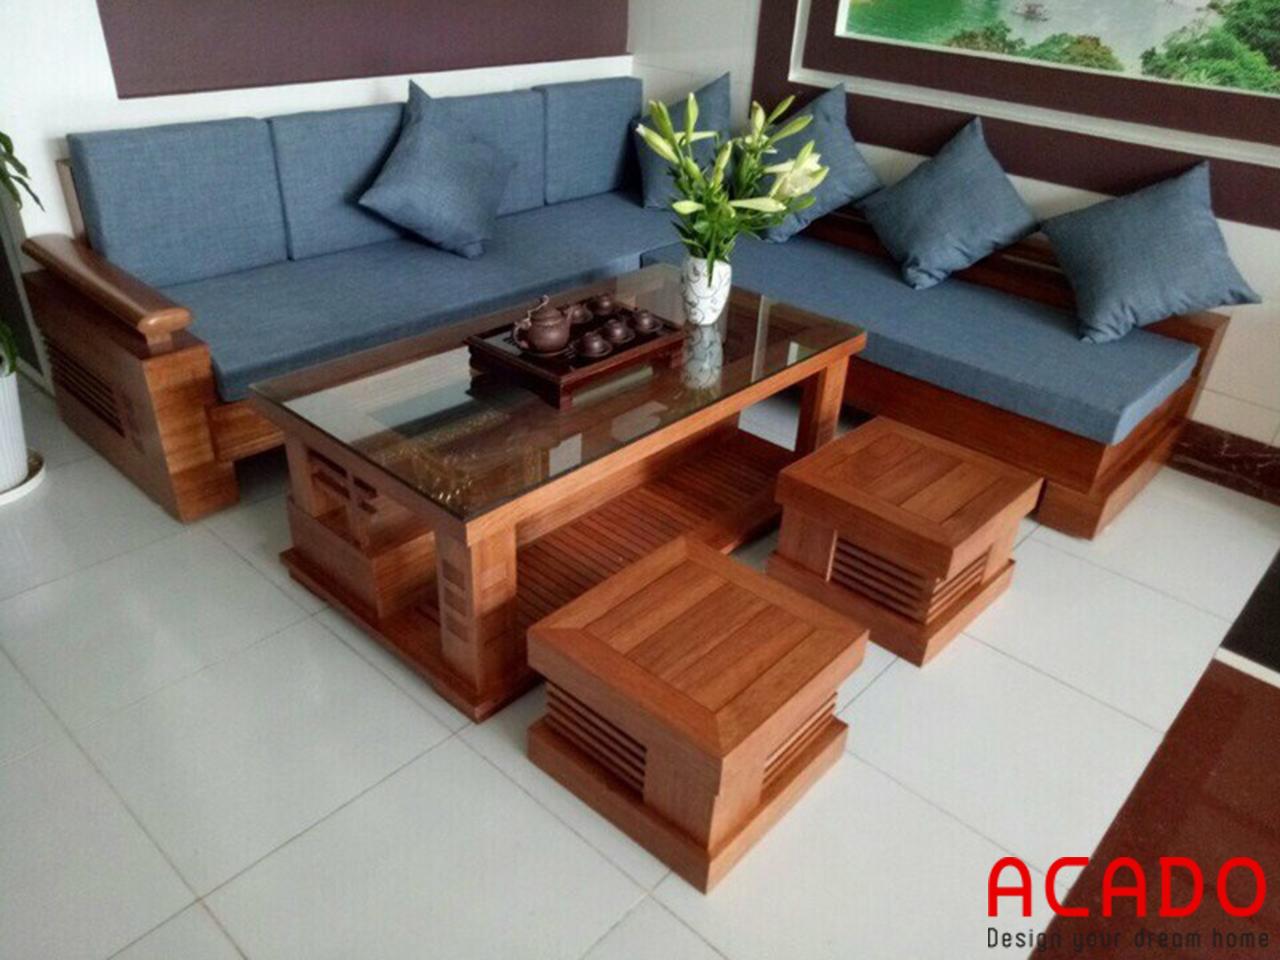 Mẫu sofa gỗ xoan đào tự nhiên ấm cúng, sang trọng